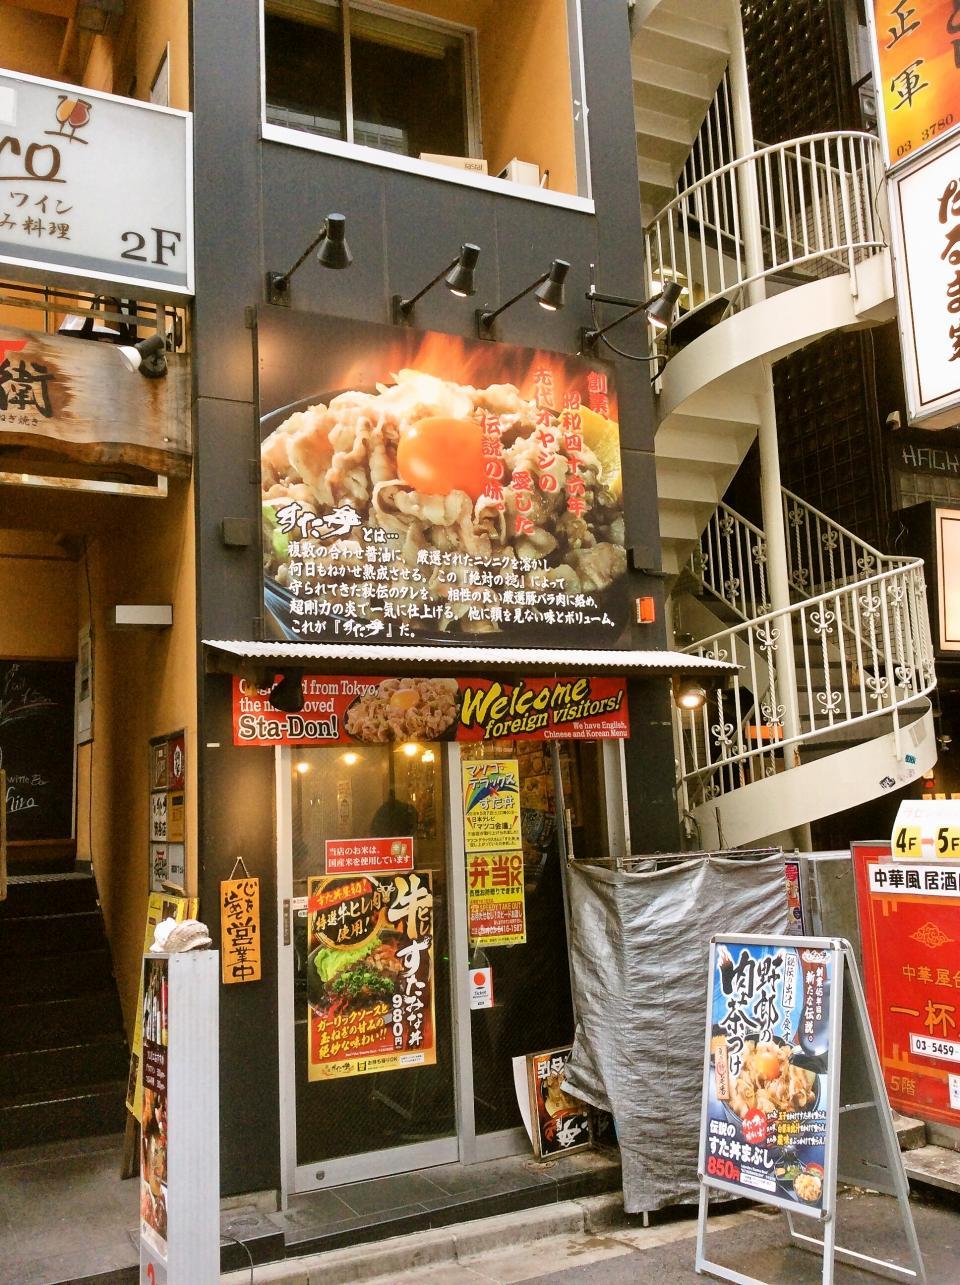 伝説のすた丼屋 渋谷店(店舗)